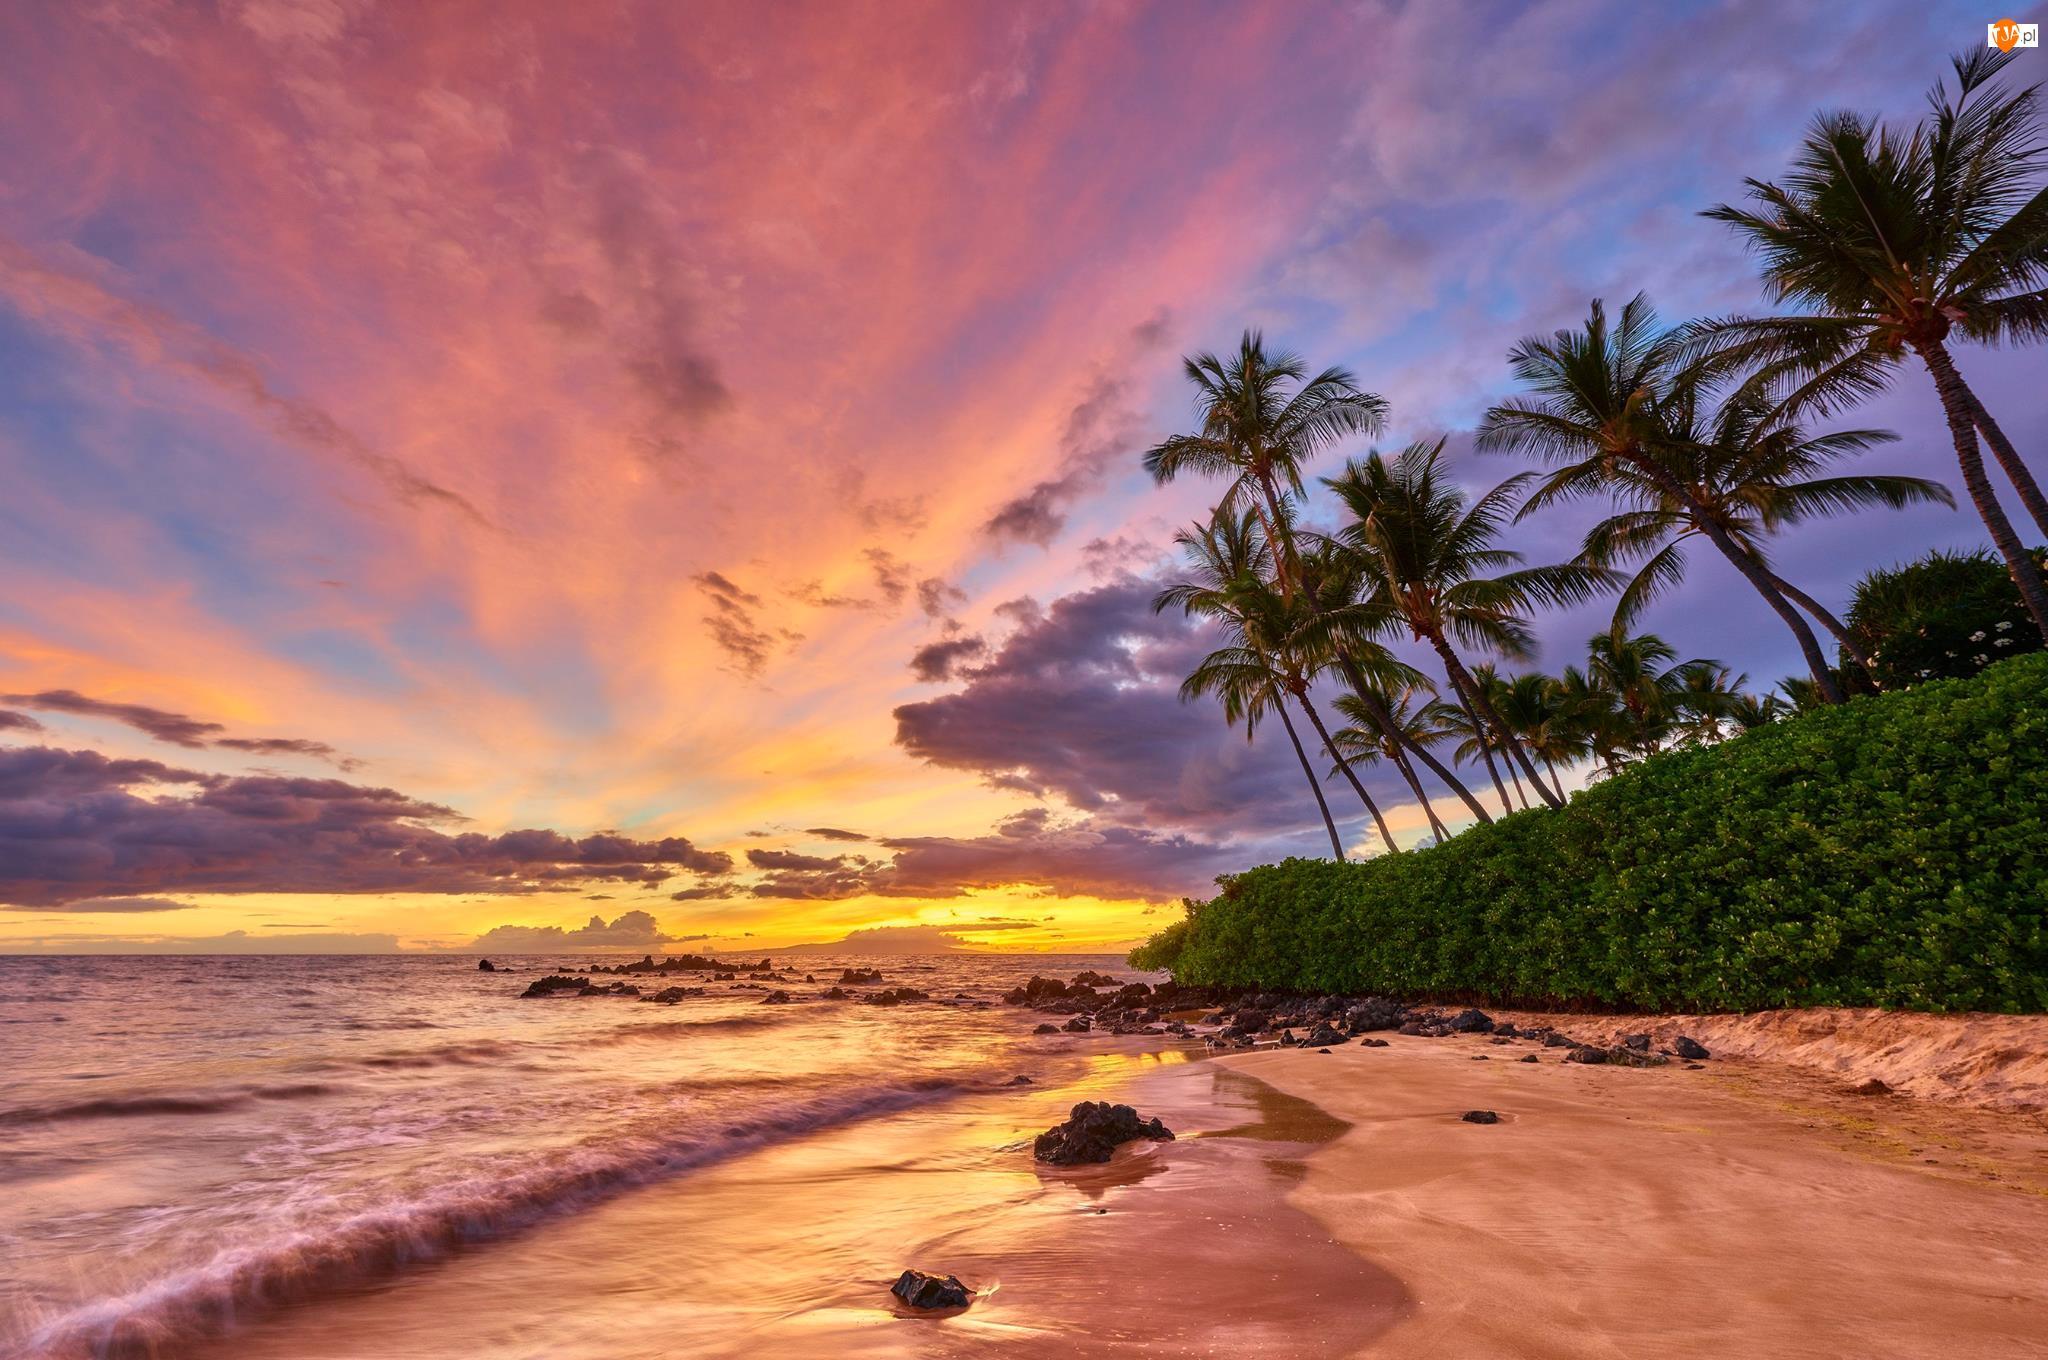 Zachód słońca, Morze, Wyspa Maui, Hawaje, Chmury, Wybrzeże, Palmy